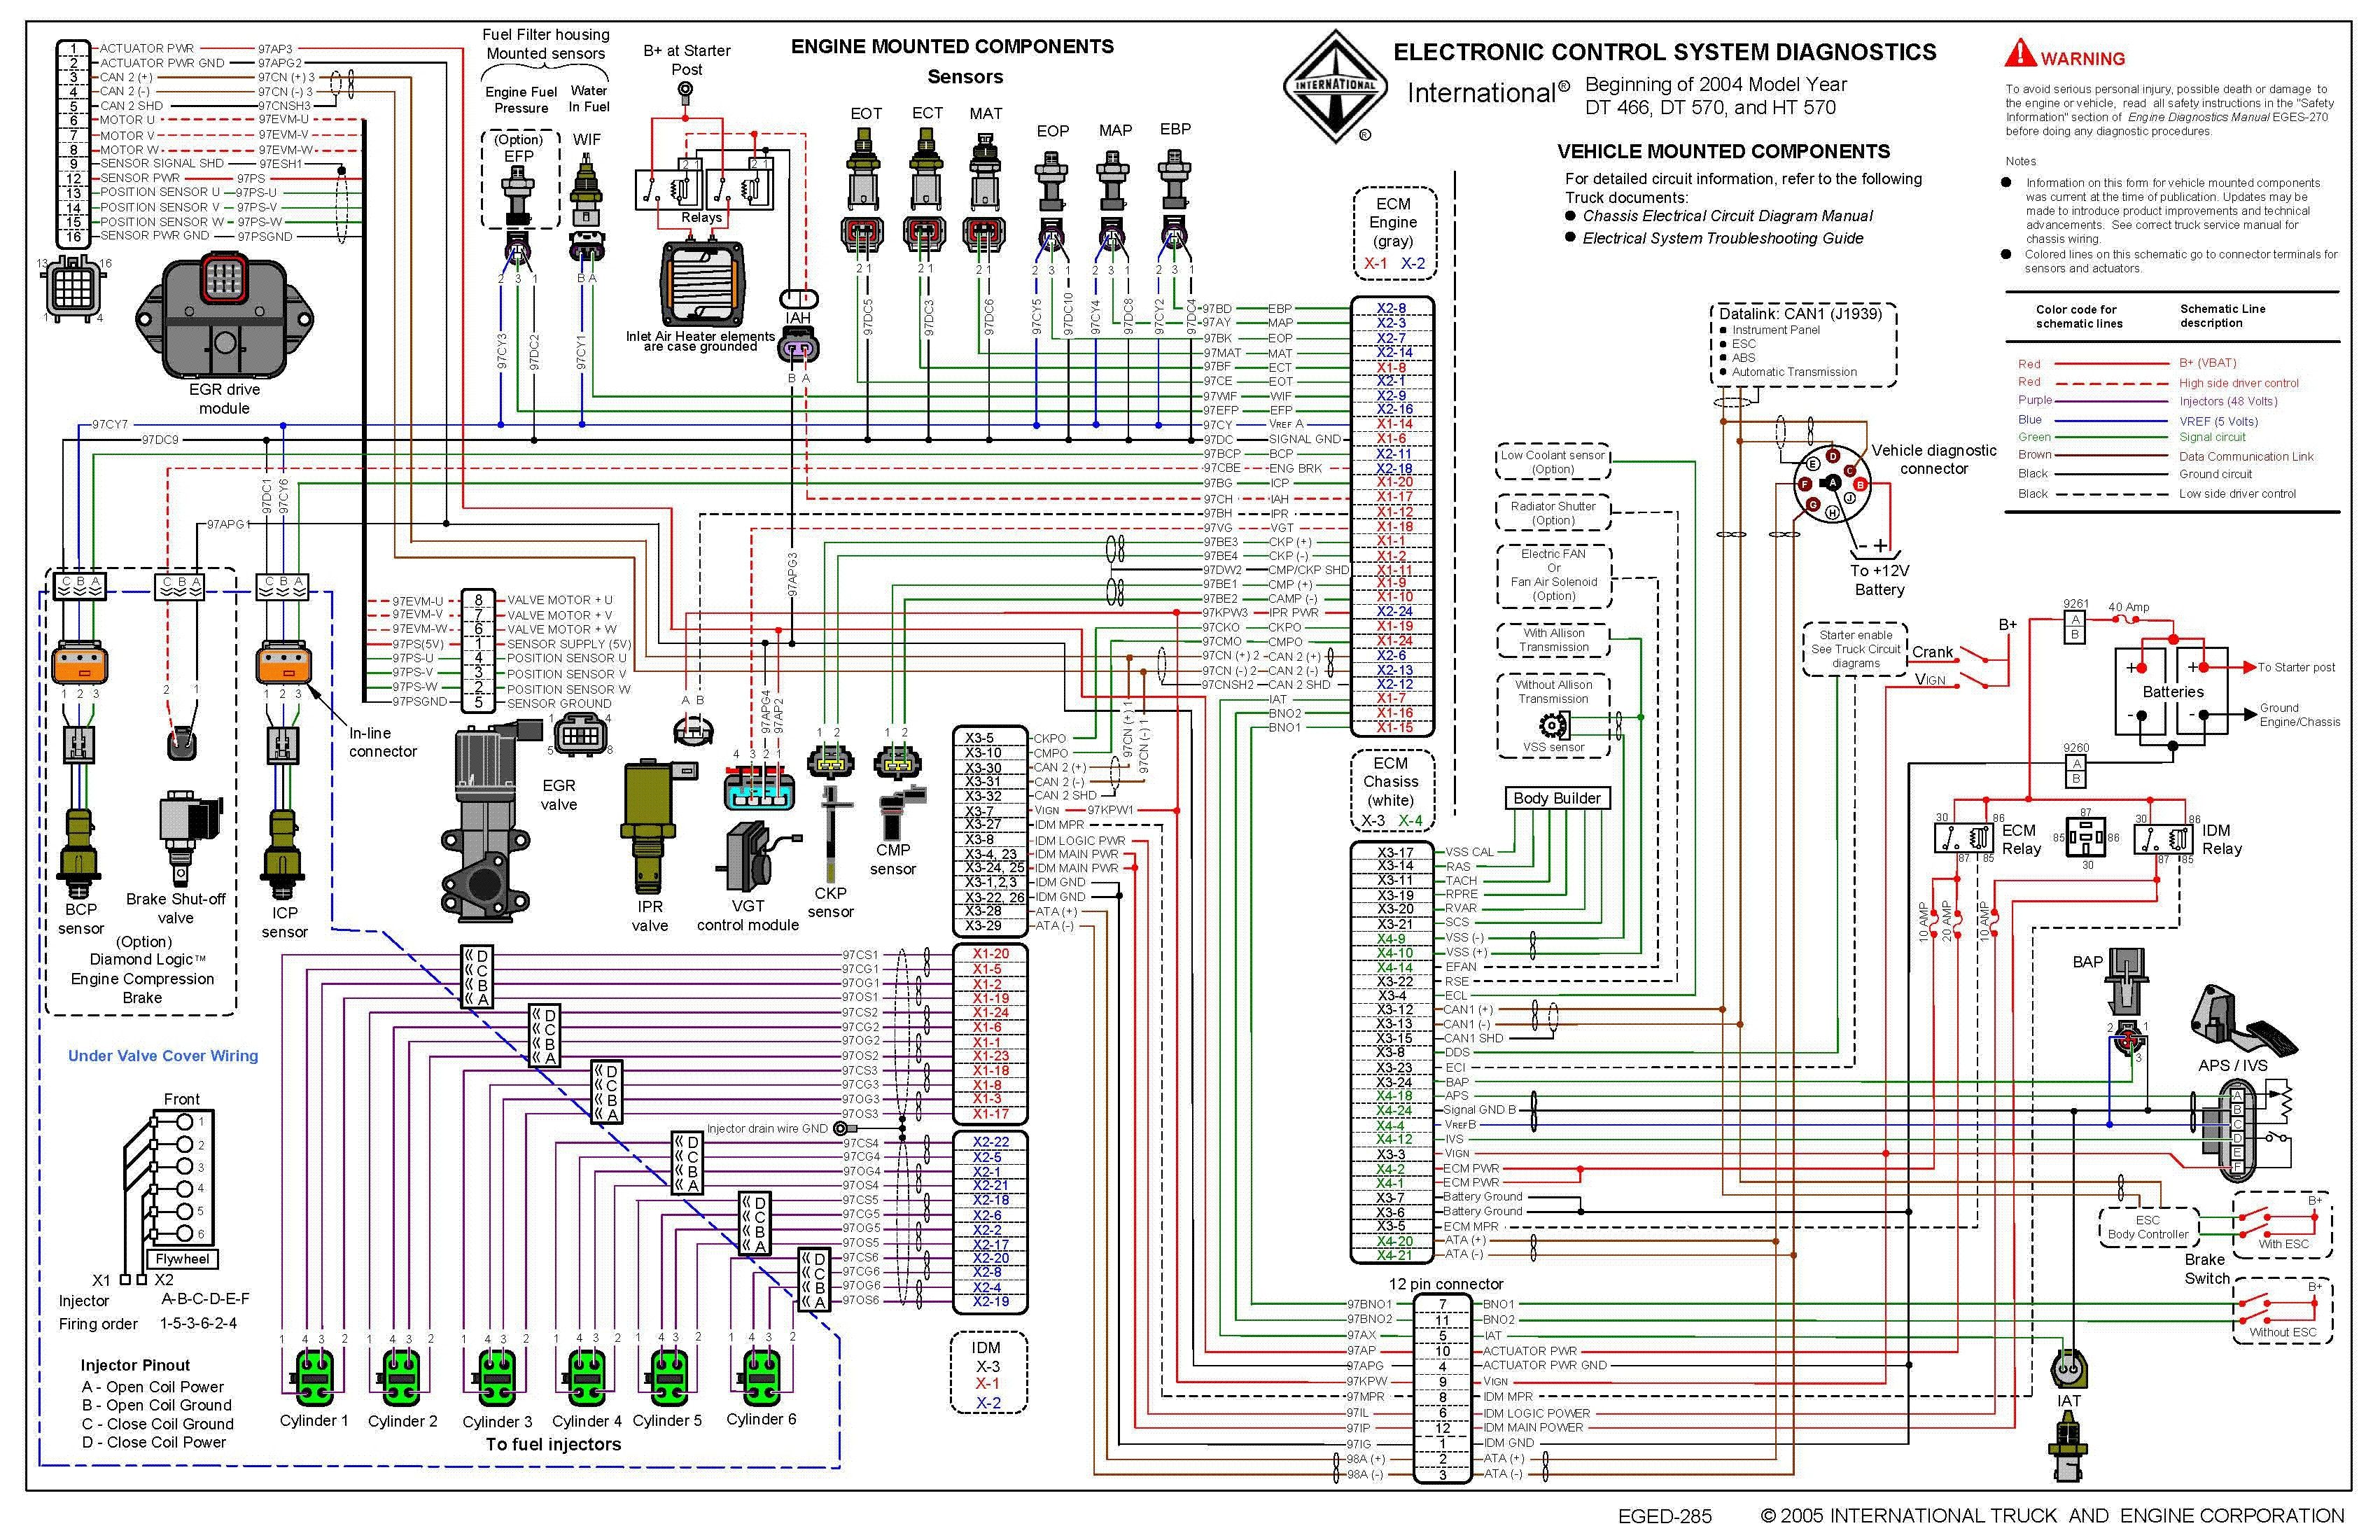 International 1700 Diesel Wiring Diagram. 16 1956 international truck  wiring diagram truck. wiring diagram for a 2007 9200 international truck  wiring. ih 444 diesel wiring general ih red power magazine. carter  gruenewald